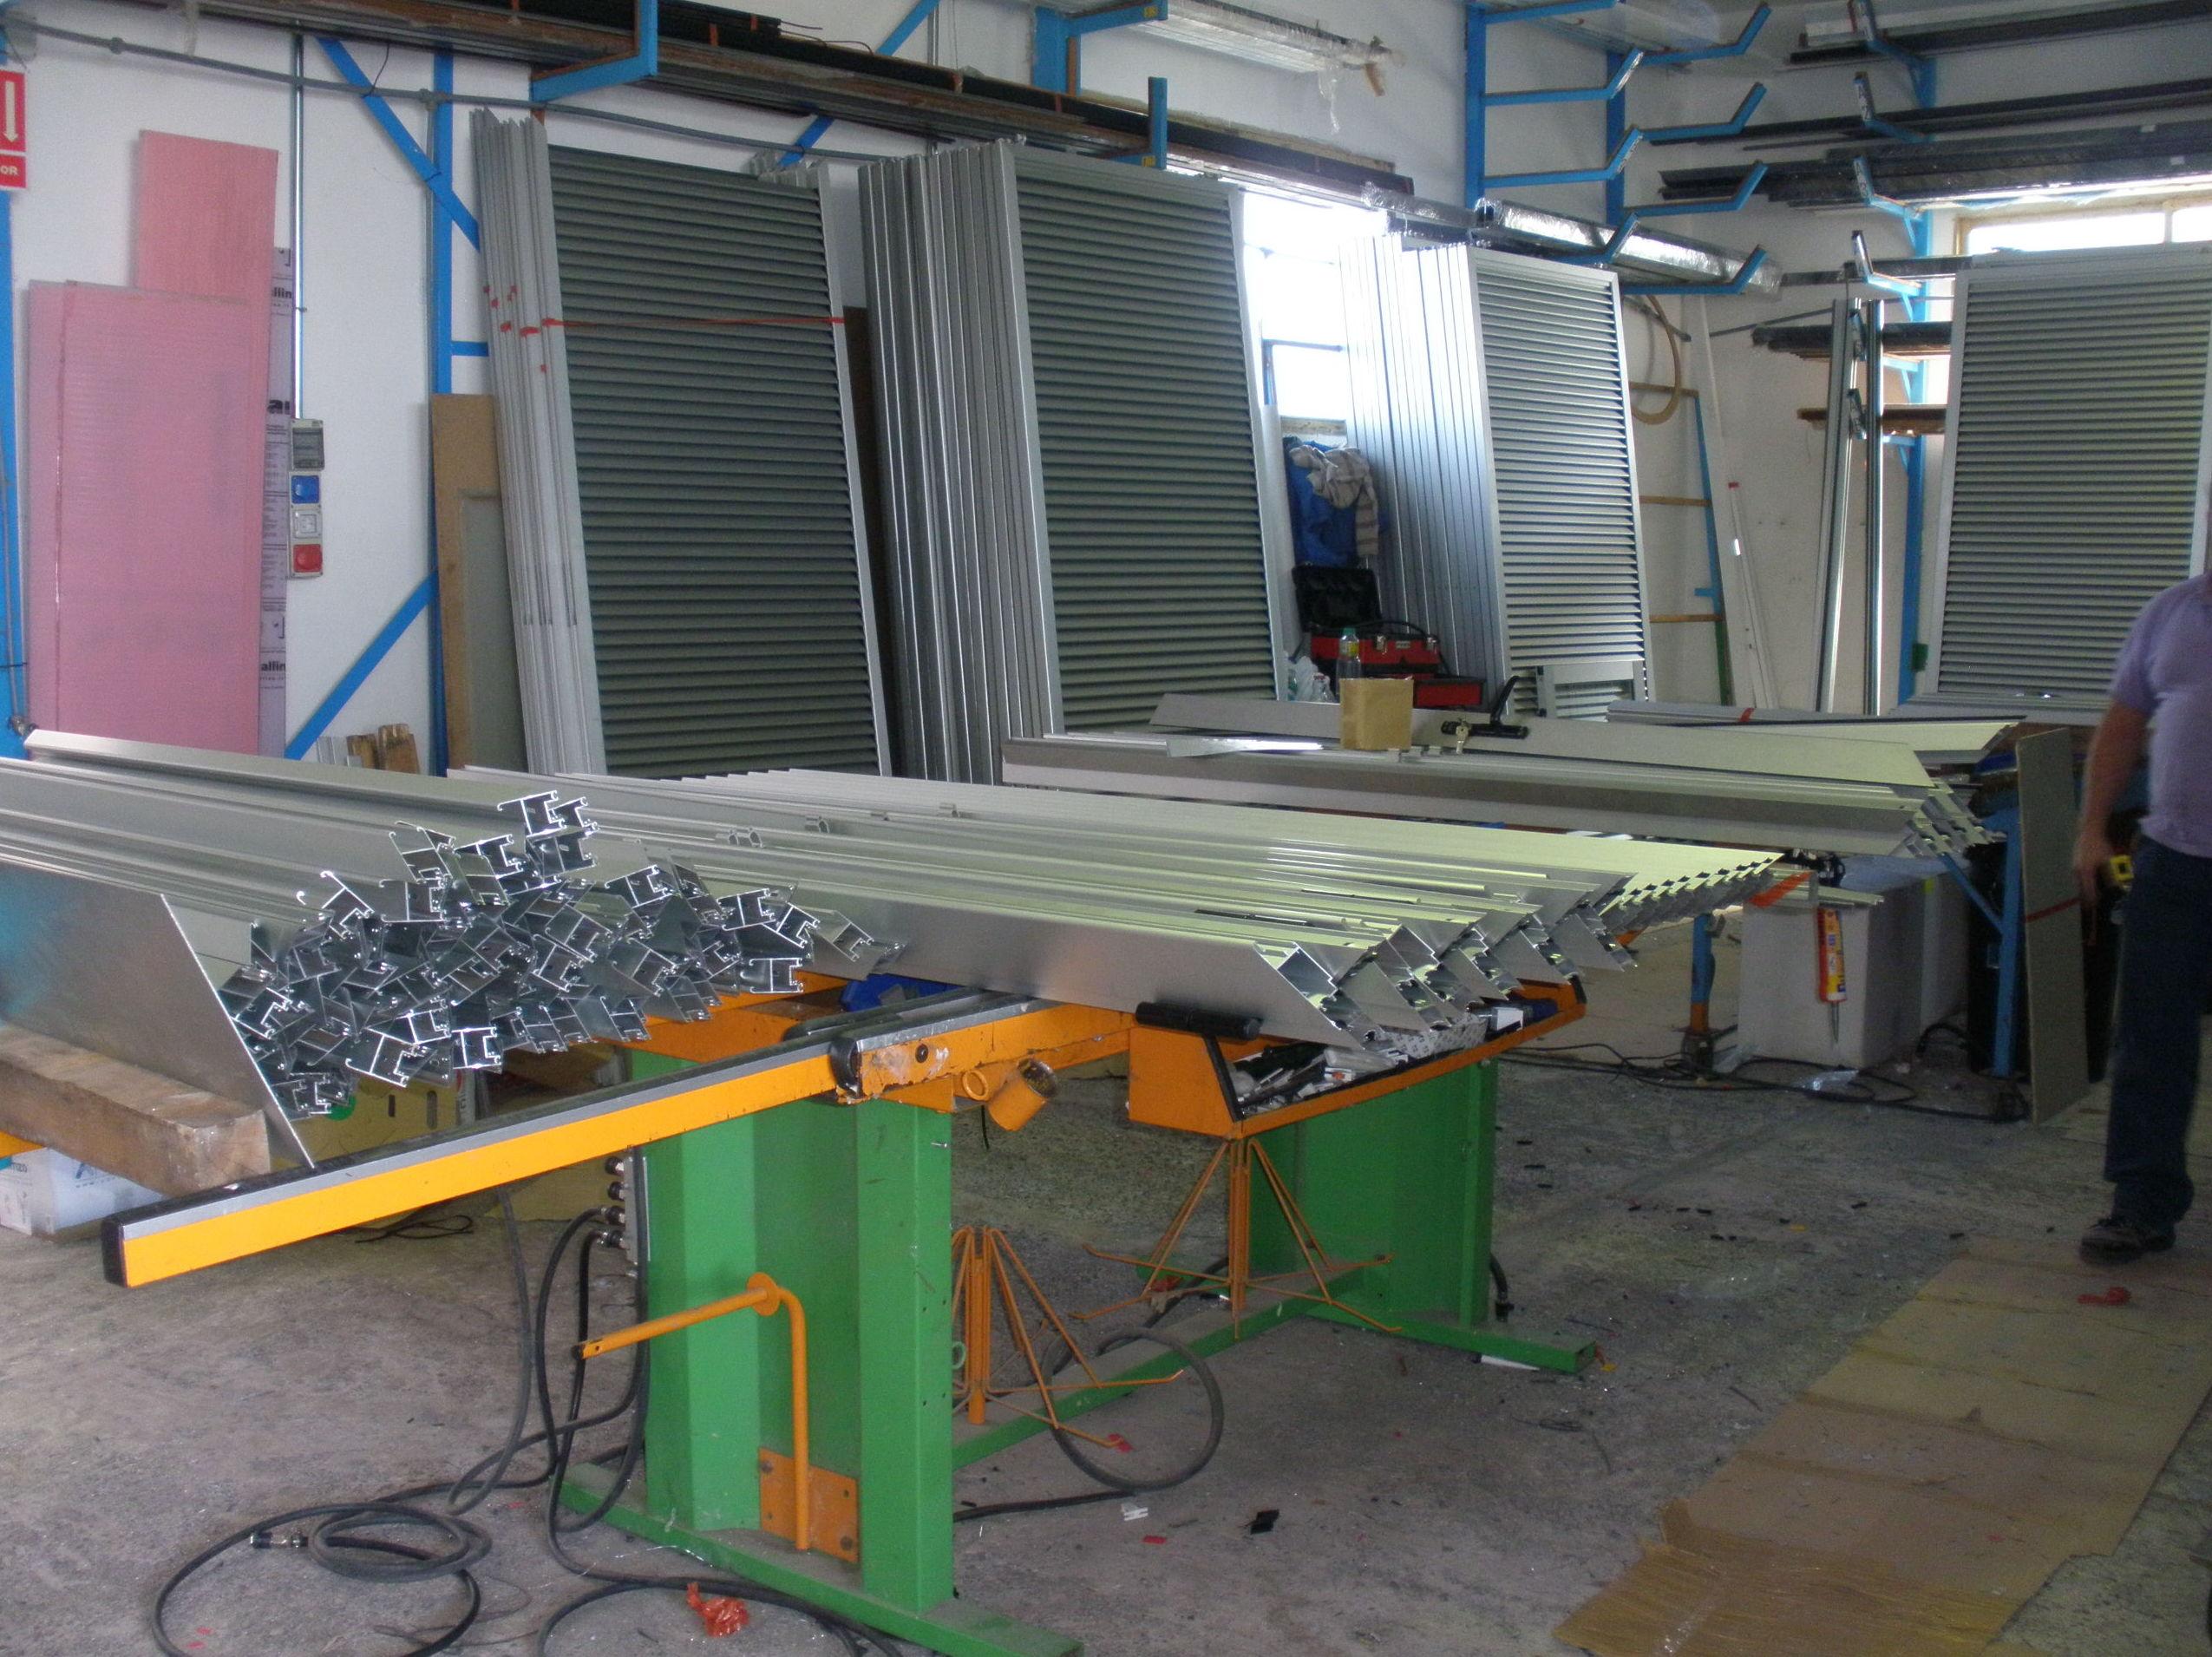 Trabajos de aluminio en Santa Cruz de Tenerife